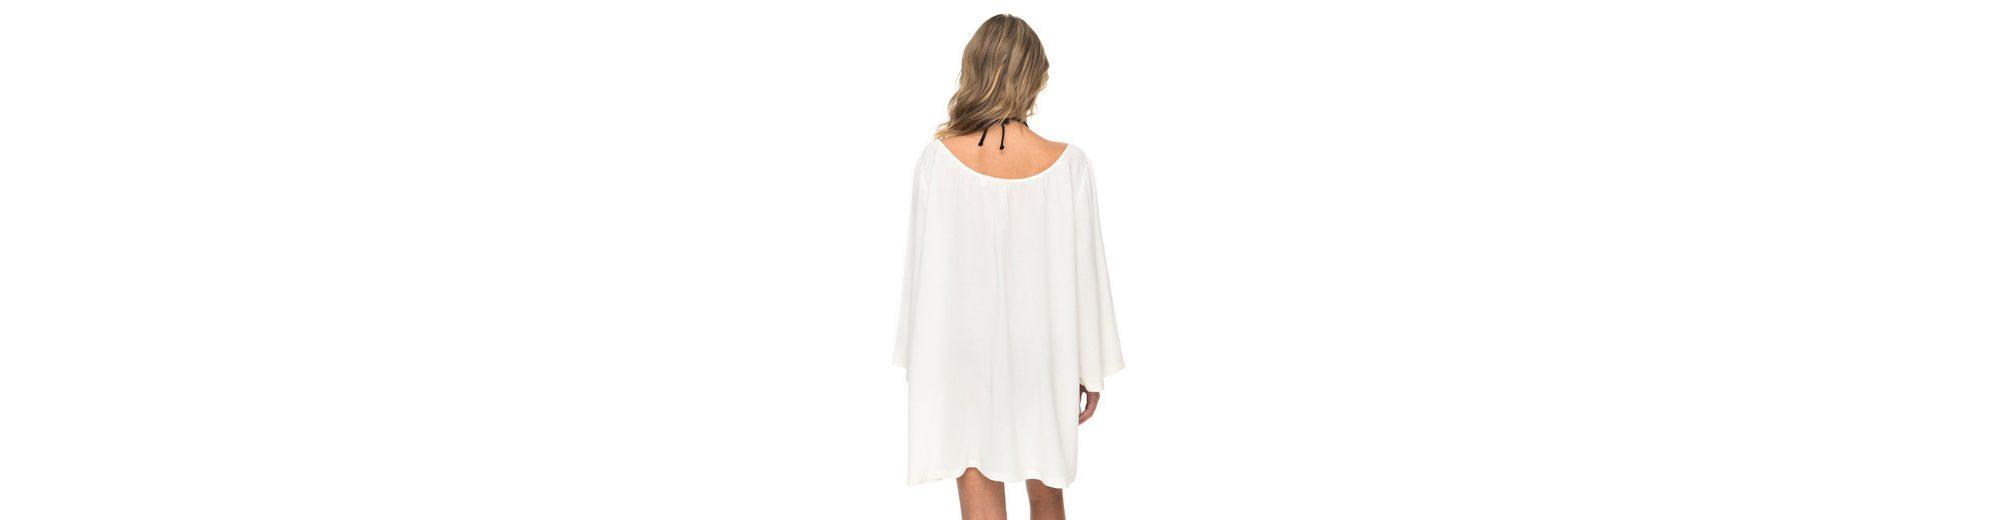 Roxy 3/4 Ärmel Kleid Smile And Surf Steckdose Billigsten Online-Shopping Zum Verkauf Visa-Zahlung Verkauf Online mwsG1JpcPp